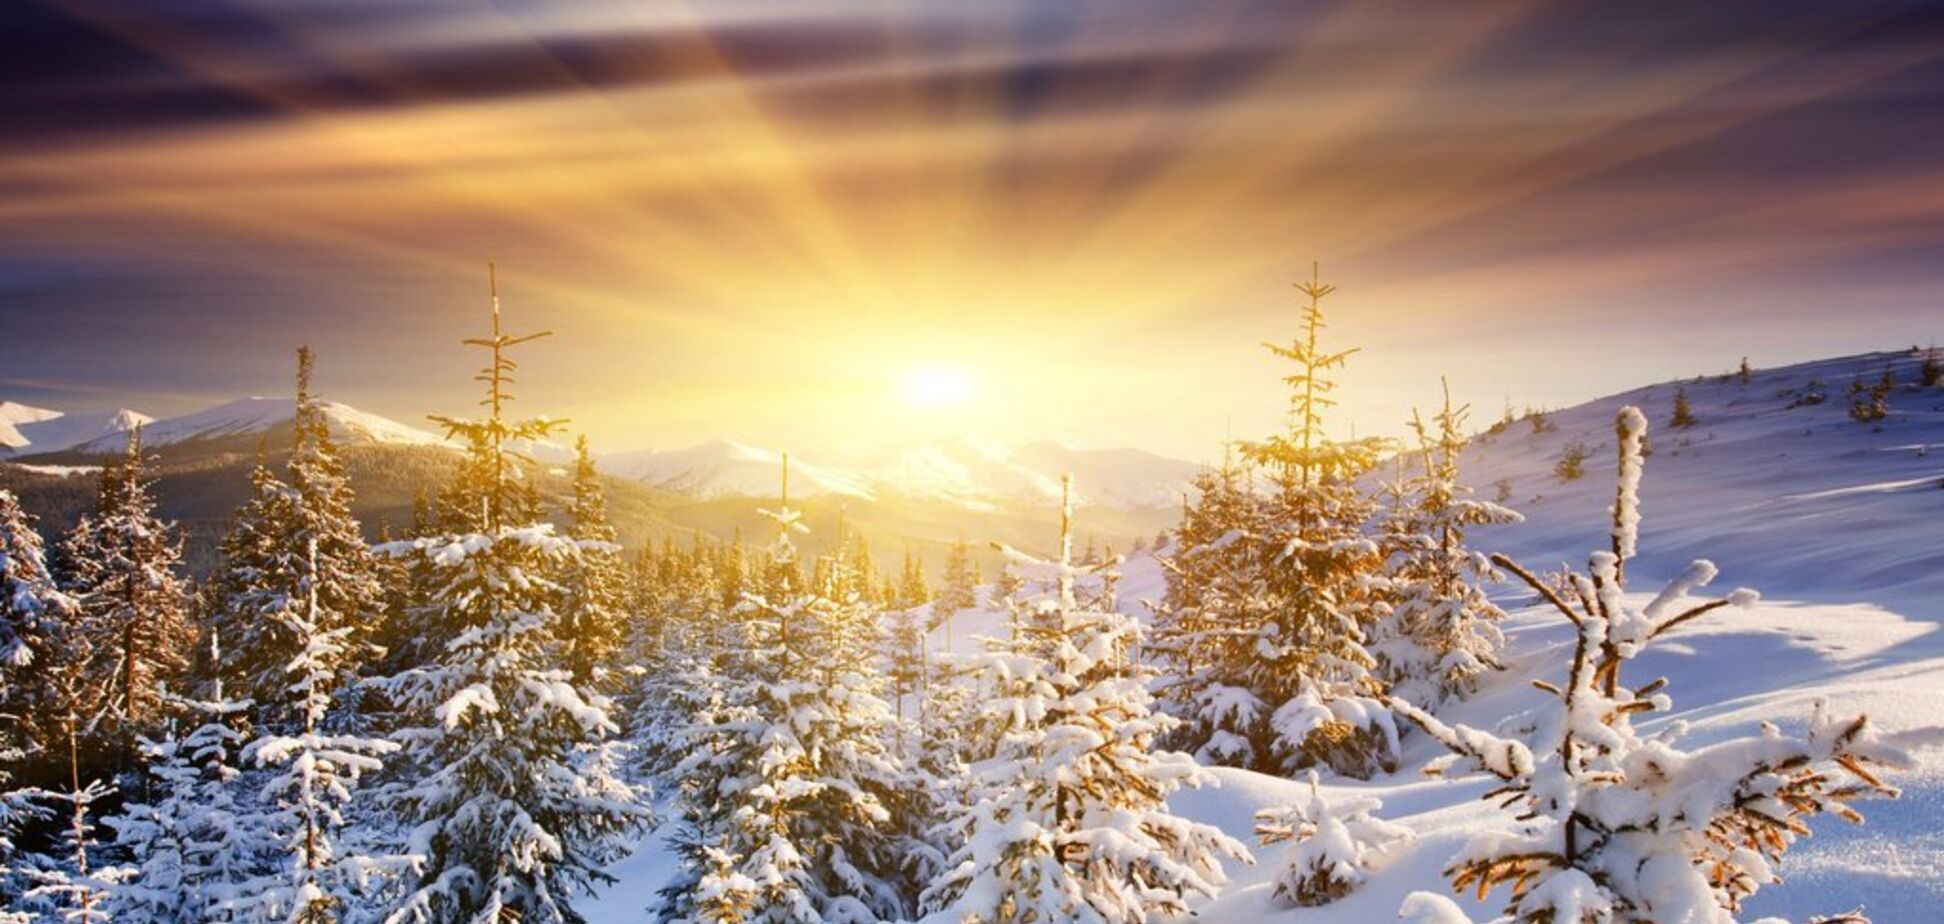 Прийде 'бабине літо': синоптик здивував прогнозом погоди на зиму-2020